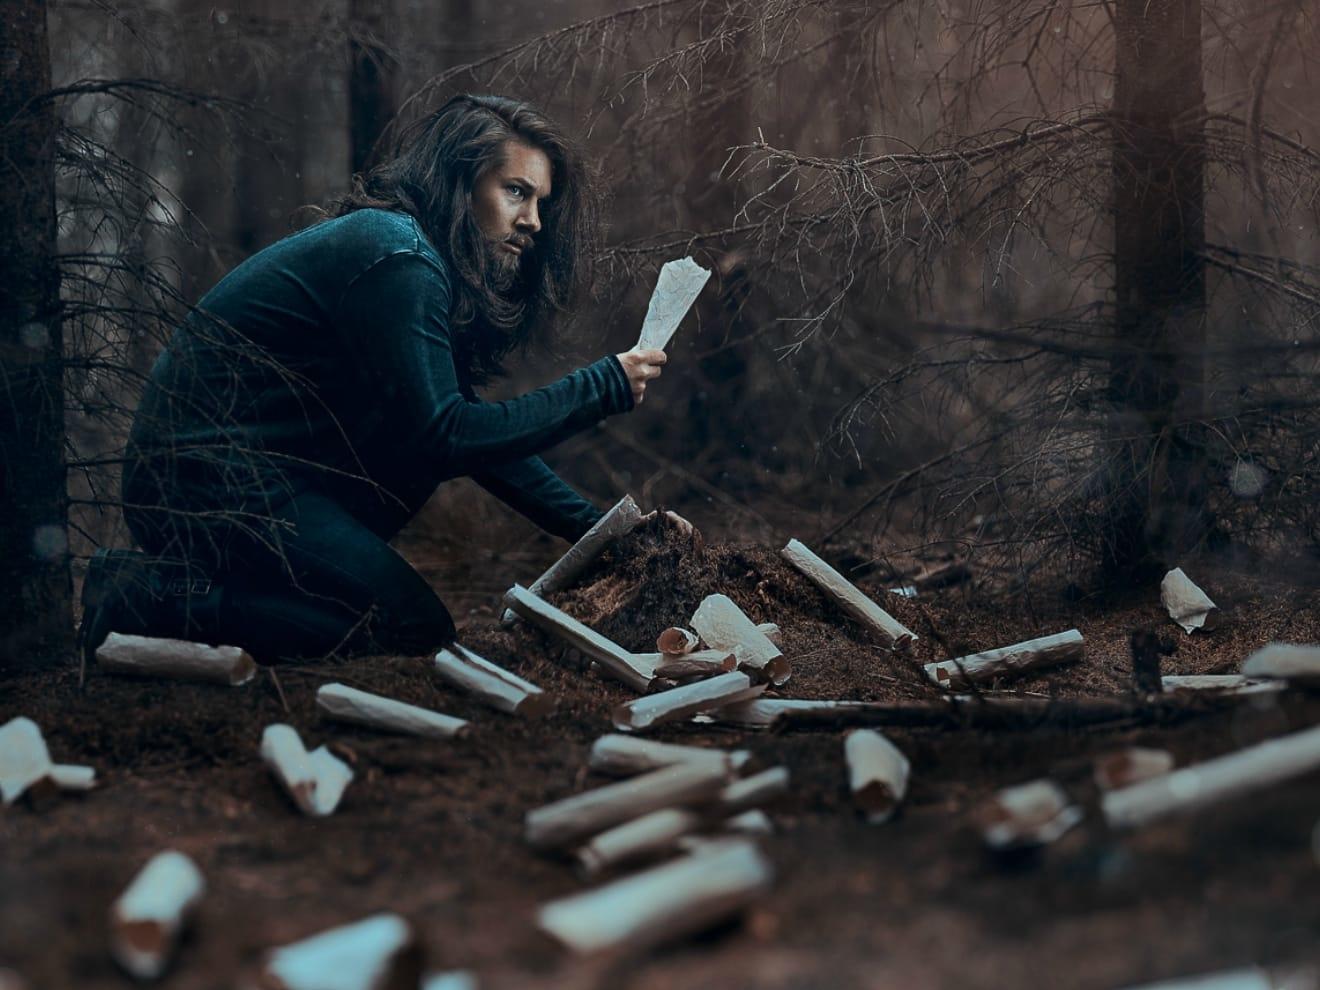 The Gothic Death-Like Awakening Of Taphephobia